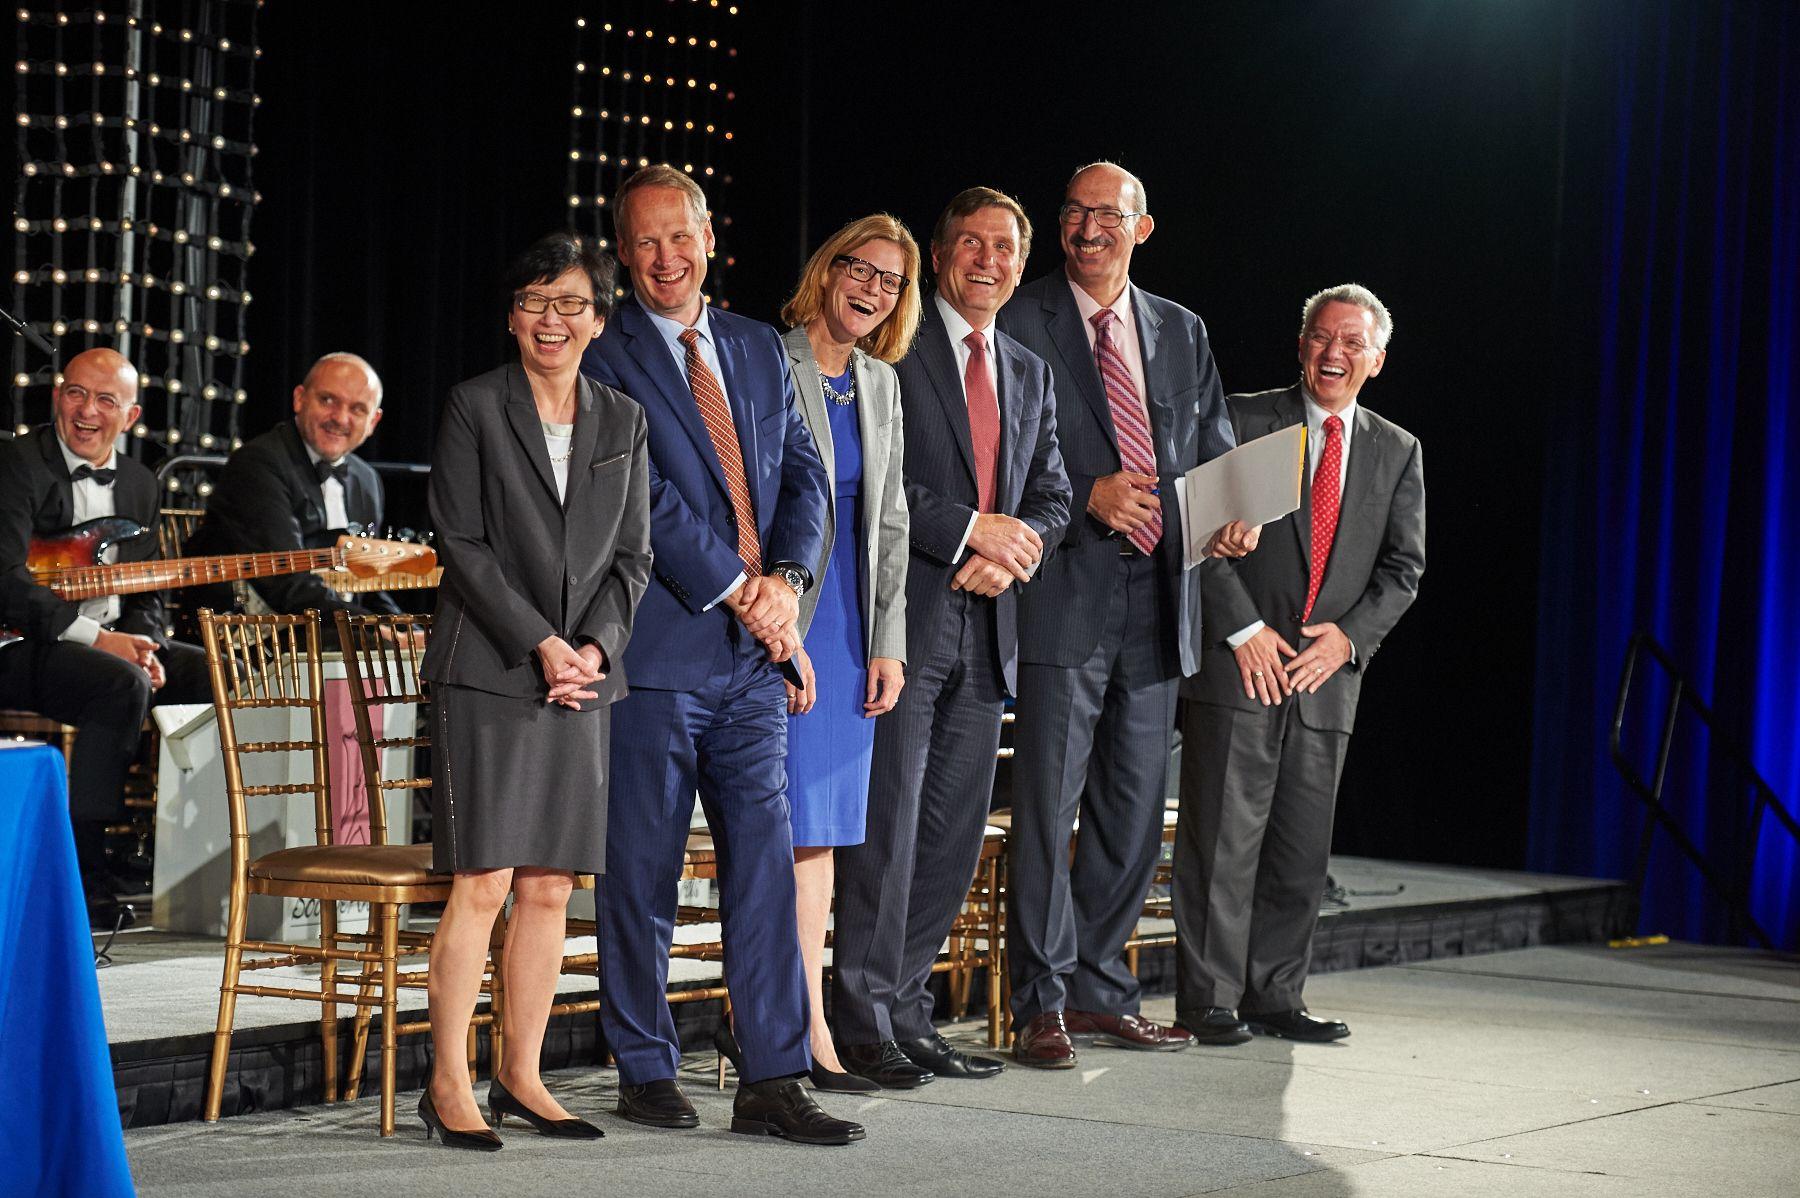 RBC Executives Awards Gala